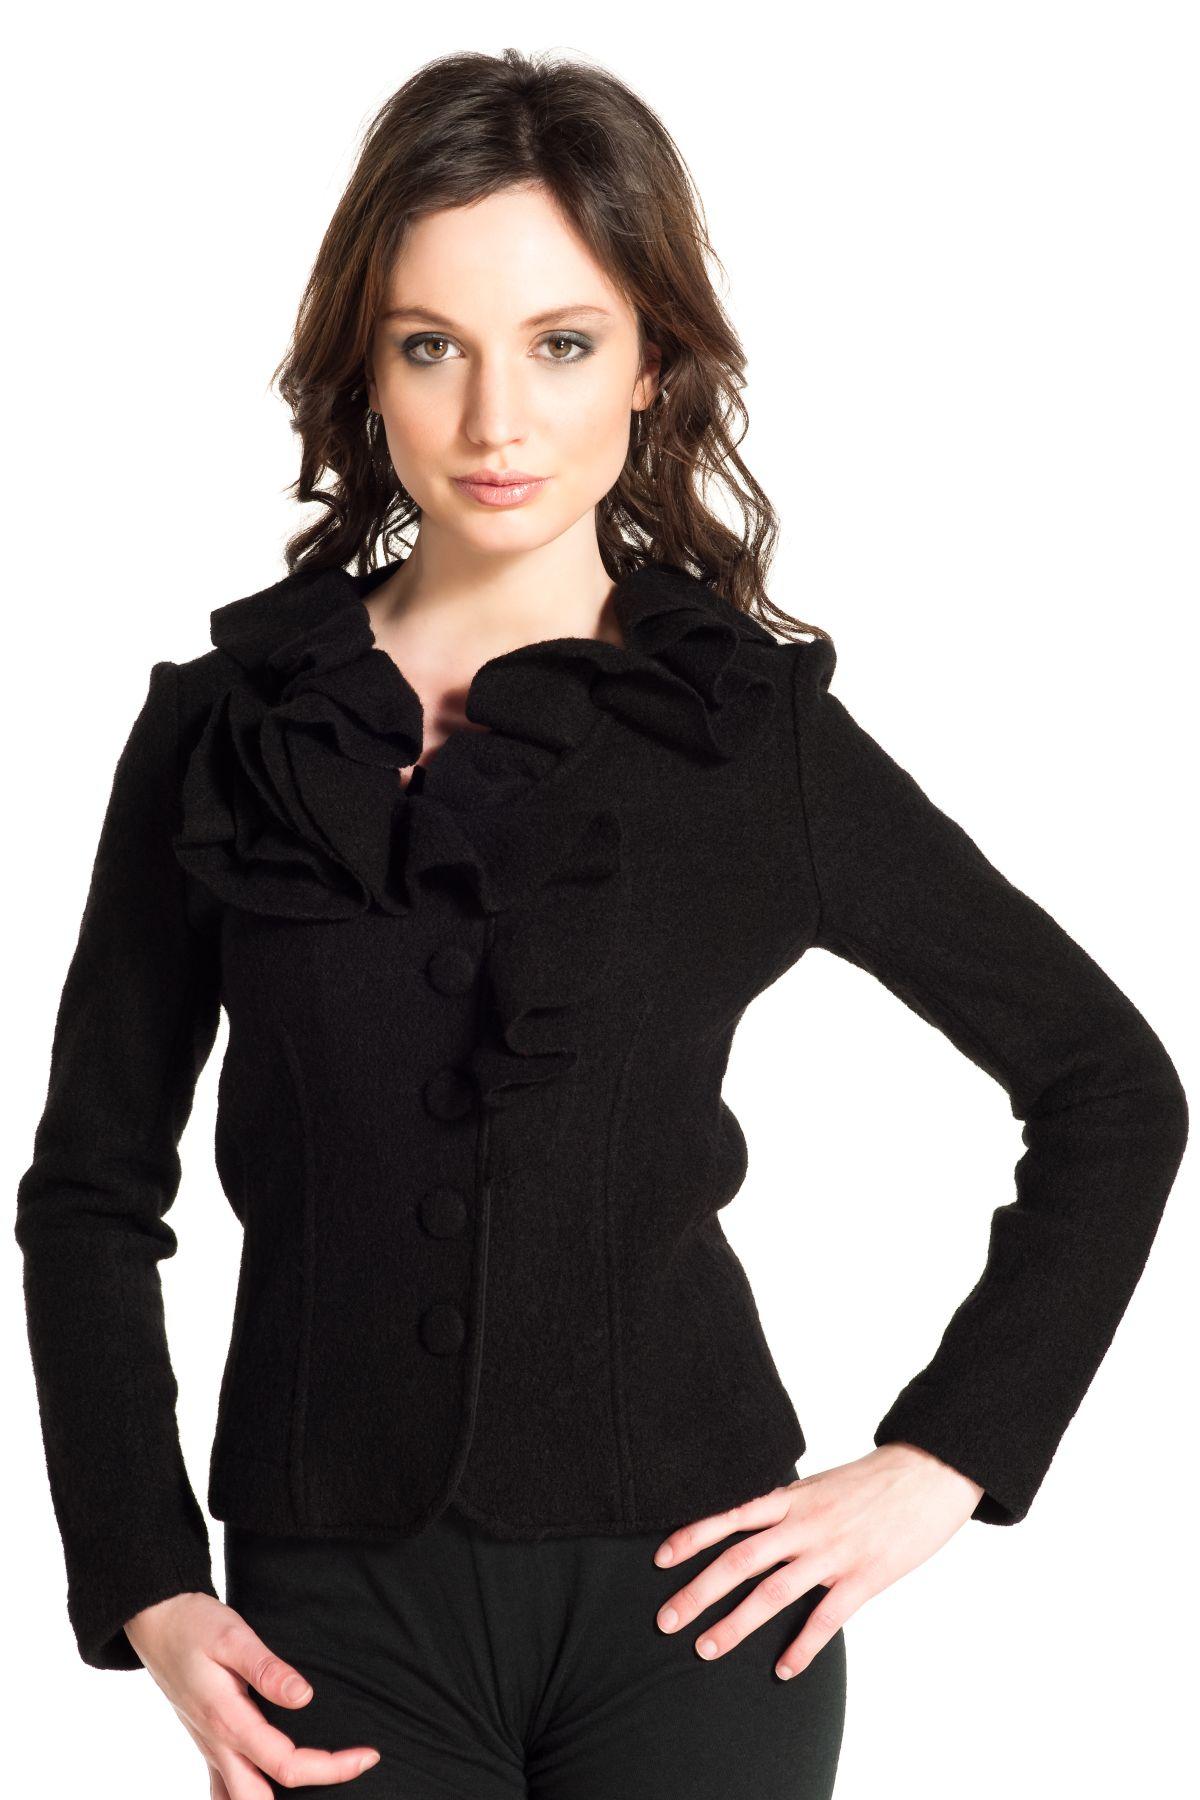 Petite veste noire cintree